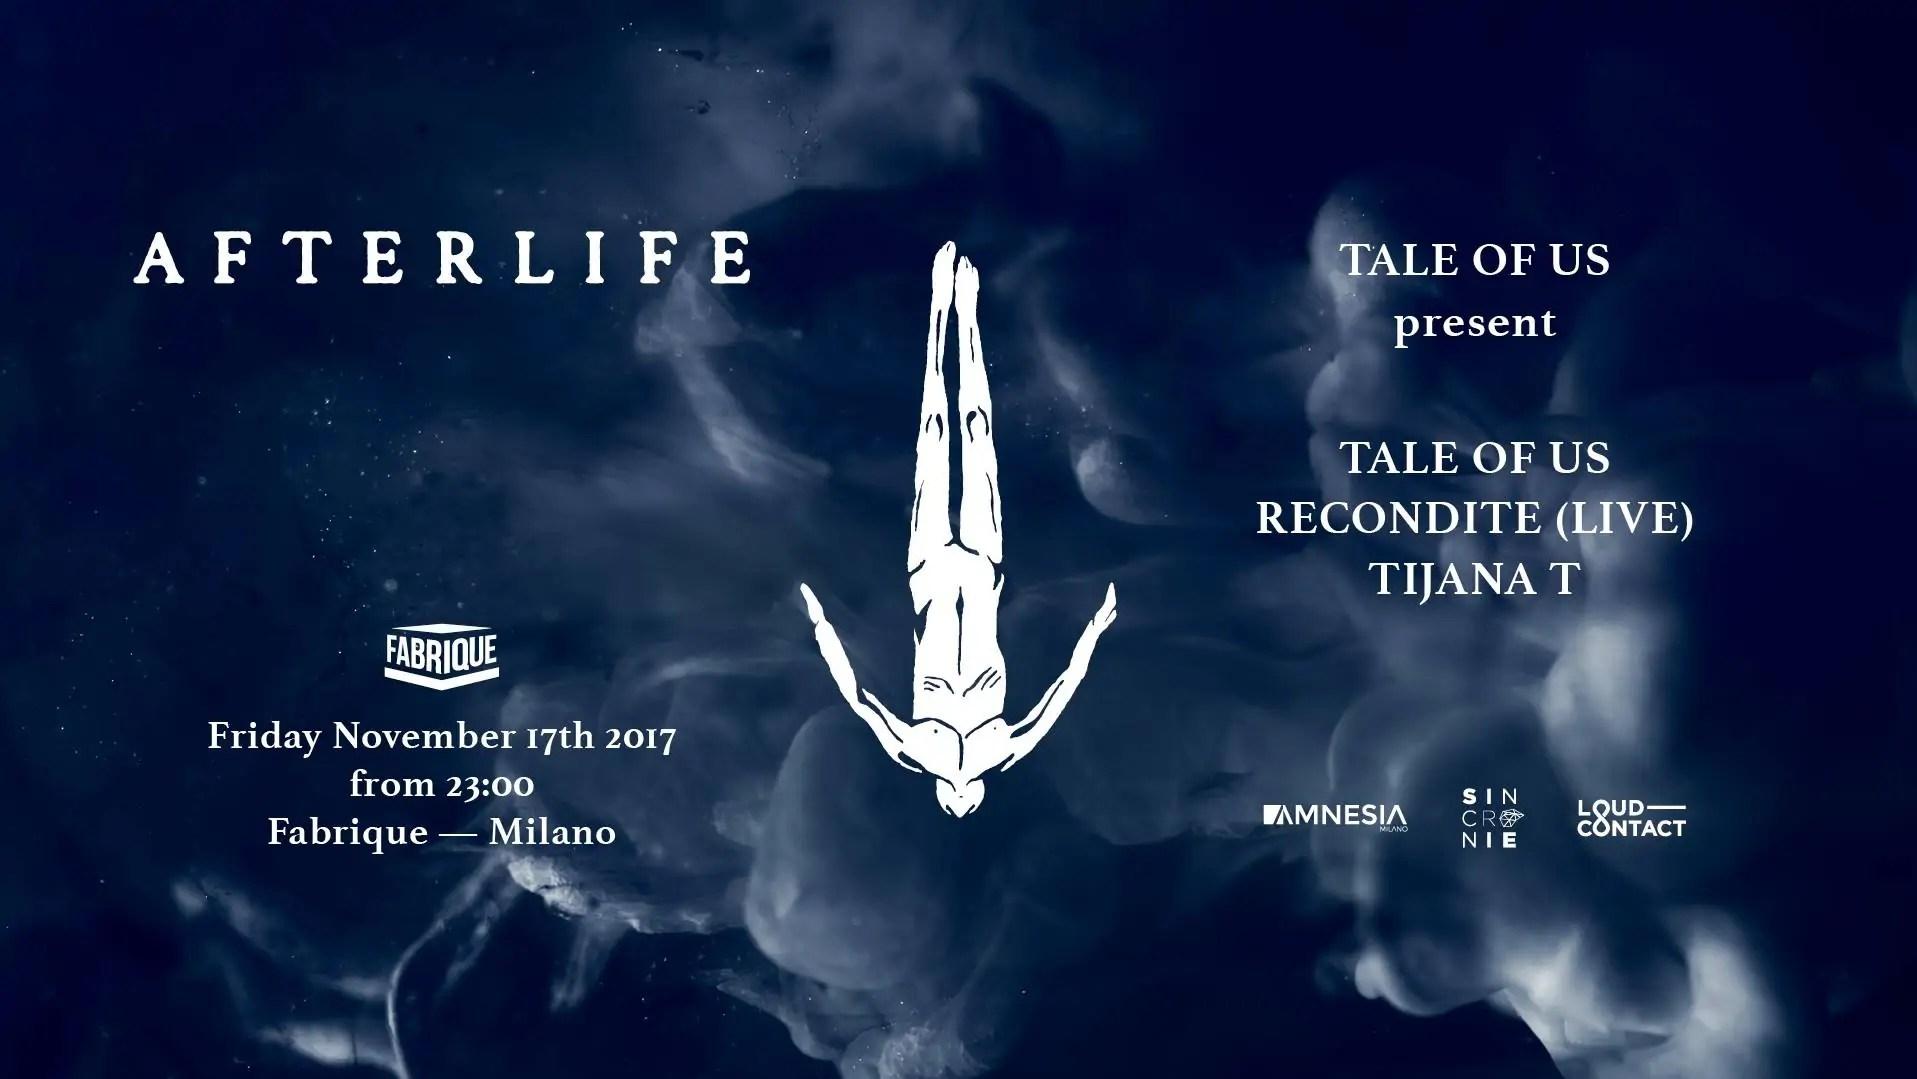 AfterLife – Fabrique Milano – 17 Novembre 2017